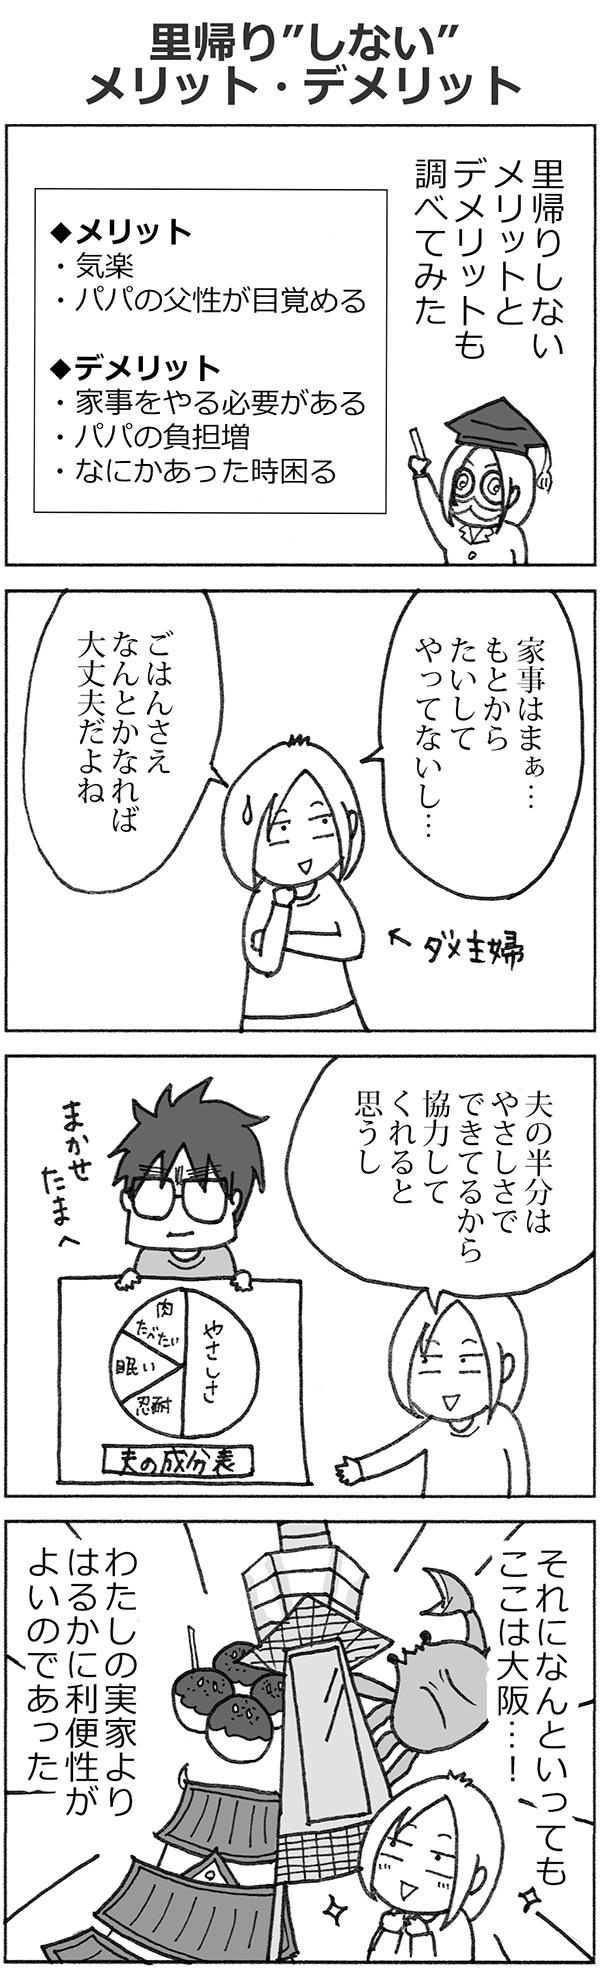 katakrico_11